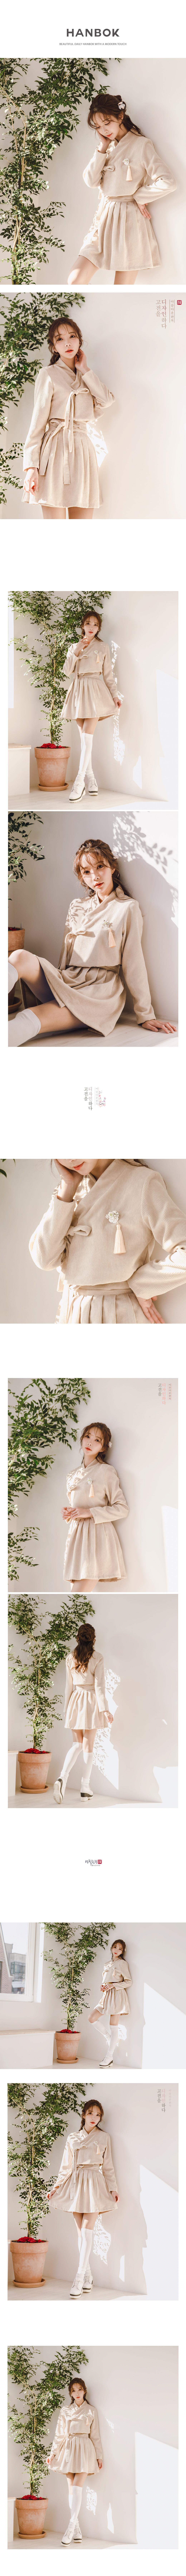 생활한복세트 연안화+미니 베이70,900원-츄샵패션의류, 생활한복, 생활한복, 여성한복바보사랑생활한복세트 연안화+미니 베이70,900원-츄샵패션의류, 생활한복, 생활한복, 여성한복바보사랑